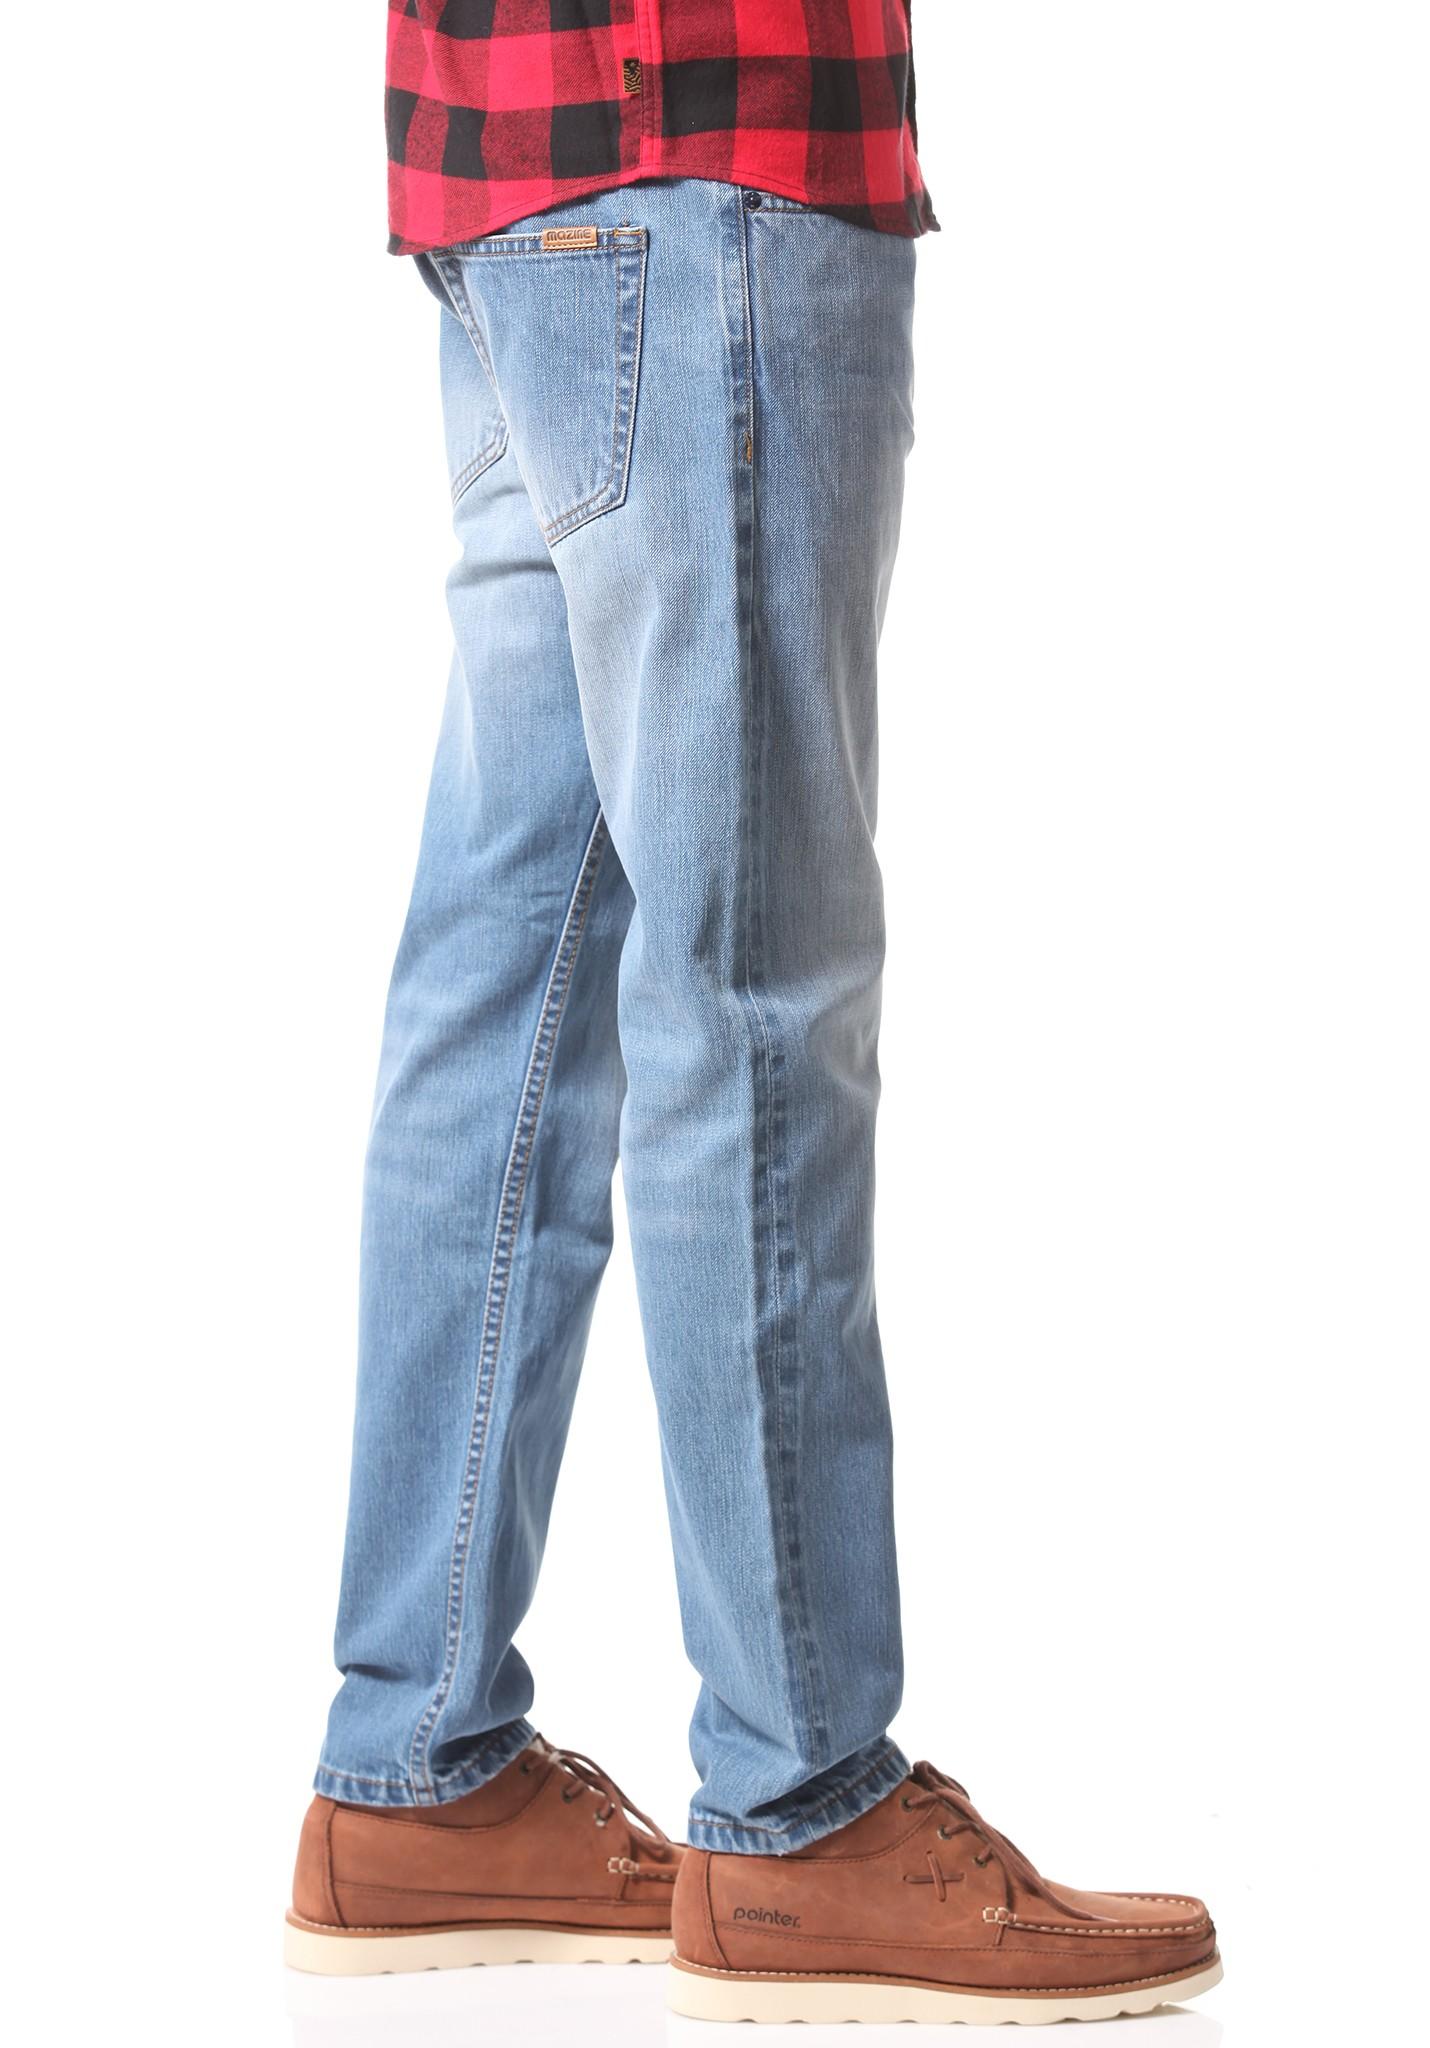 neu mazine dr grito herren jeans hose ebay. Black Bedroom Furniture Sets. Home Design Ideas